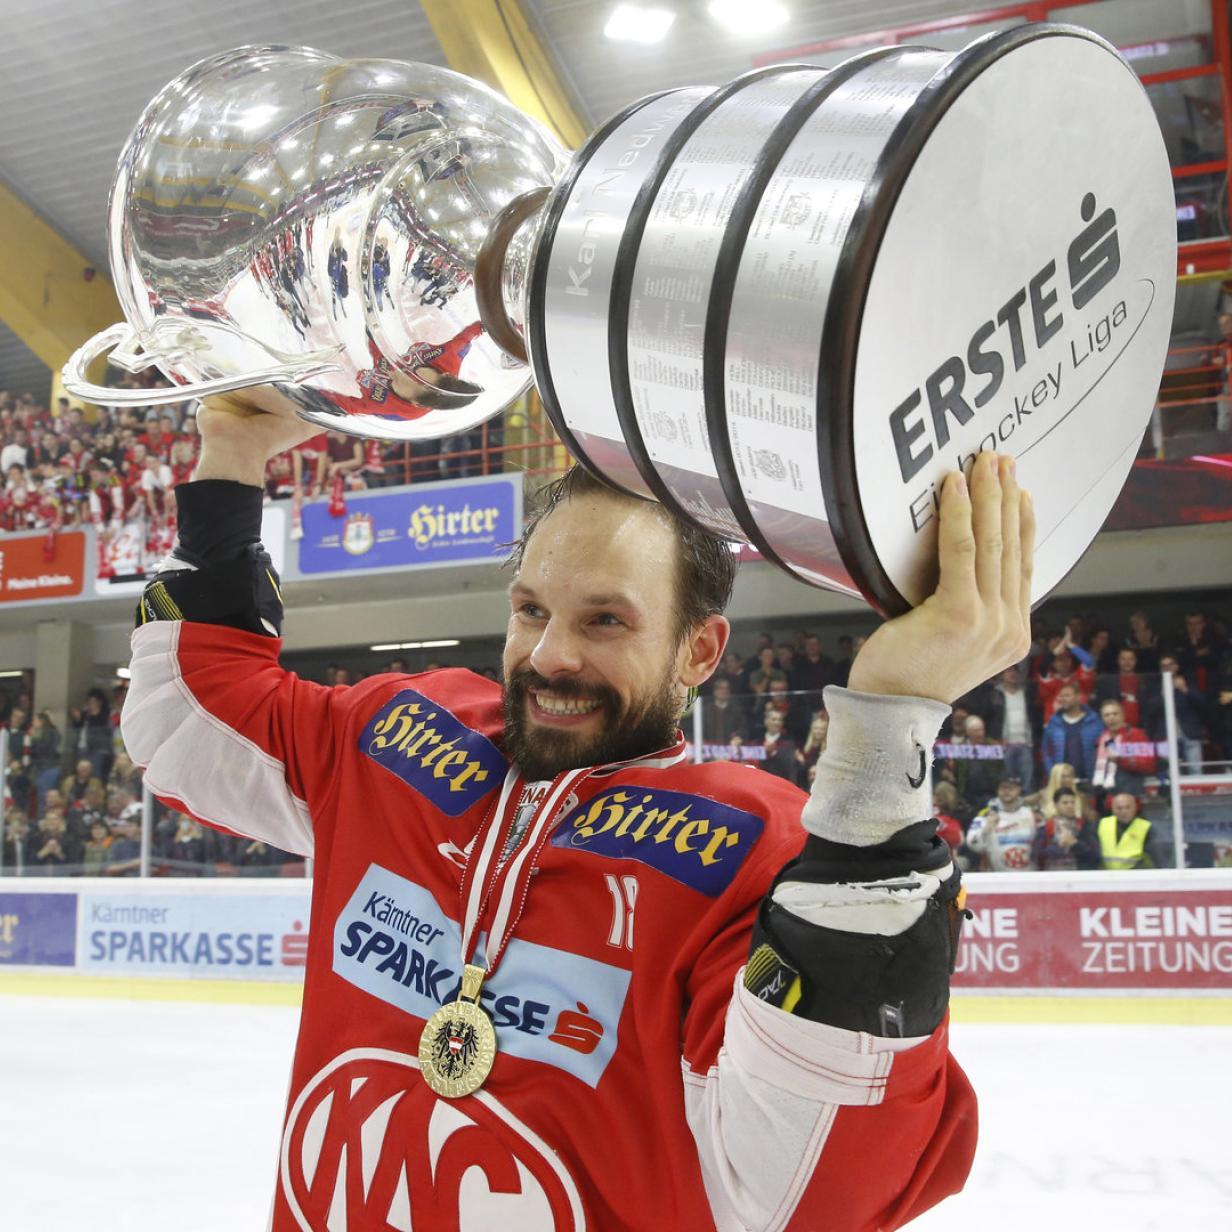 Die Erste Bank steigt aus dem österreichischen Eishockey aus